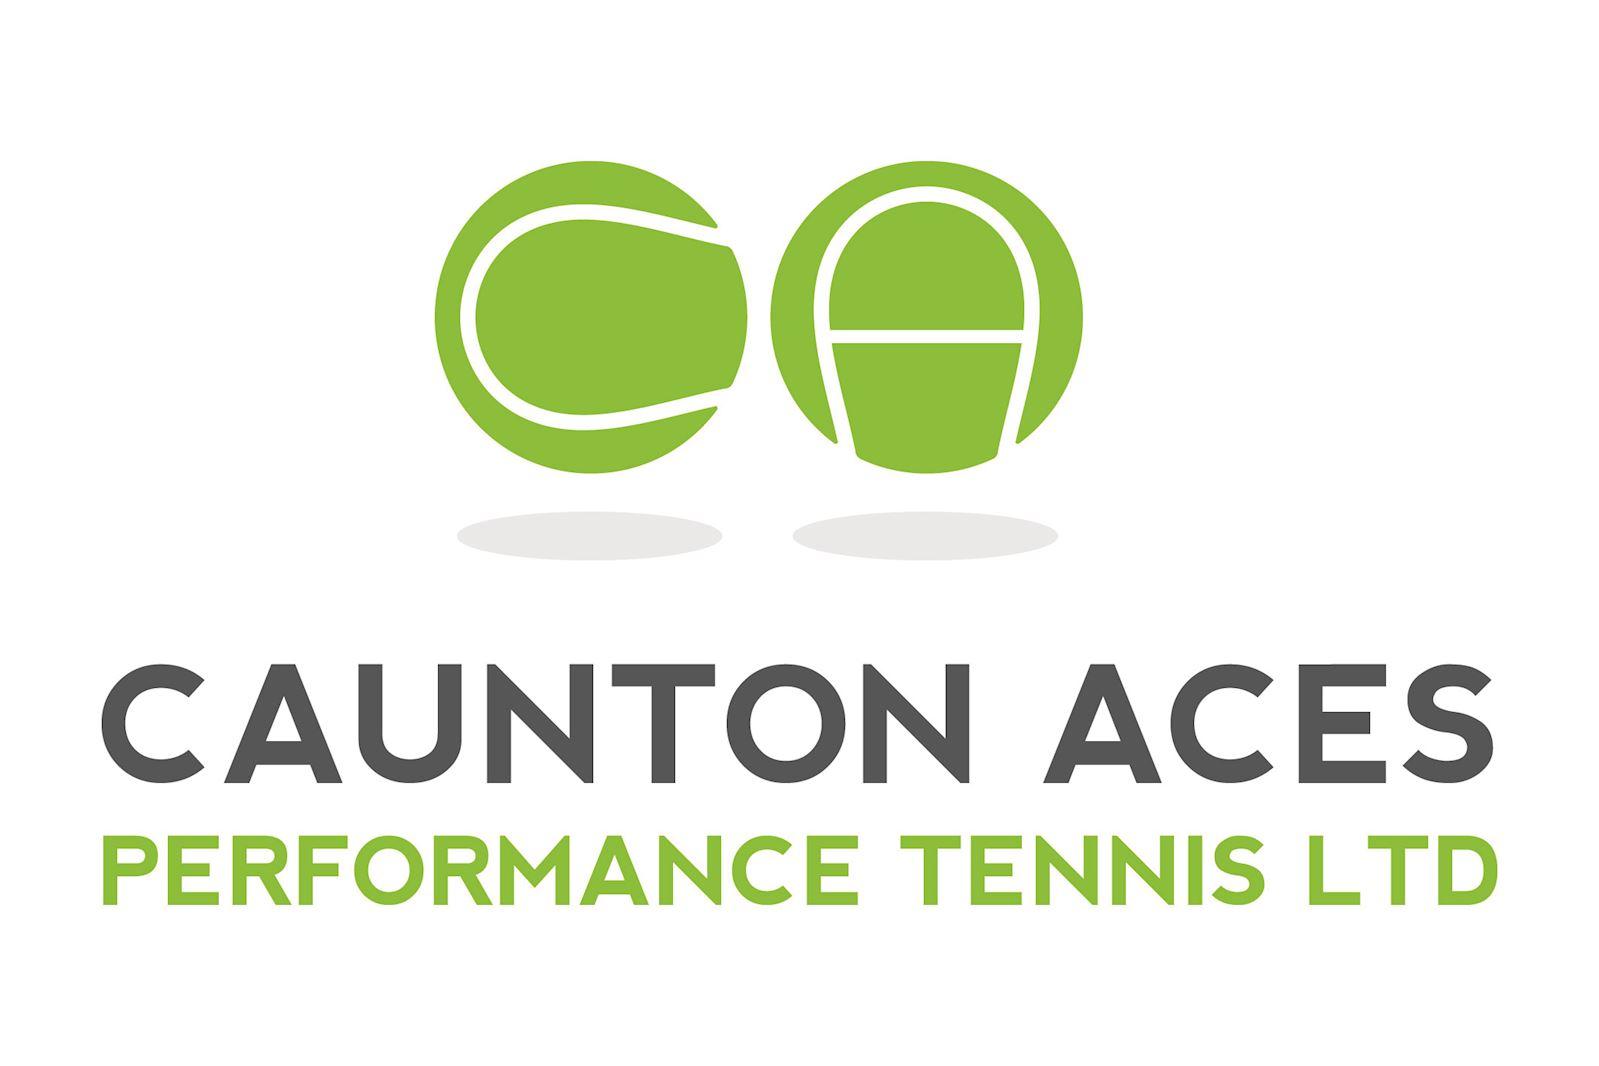 Caunton Aces Performance Tennis